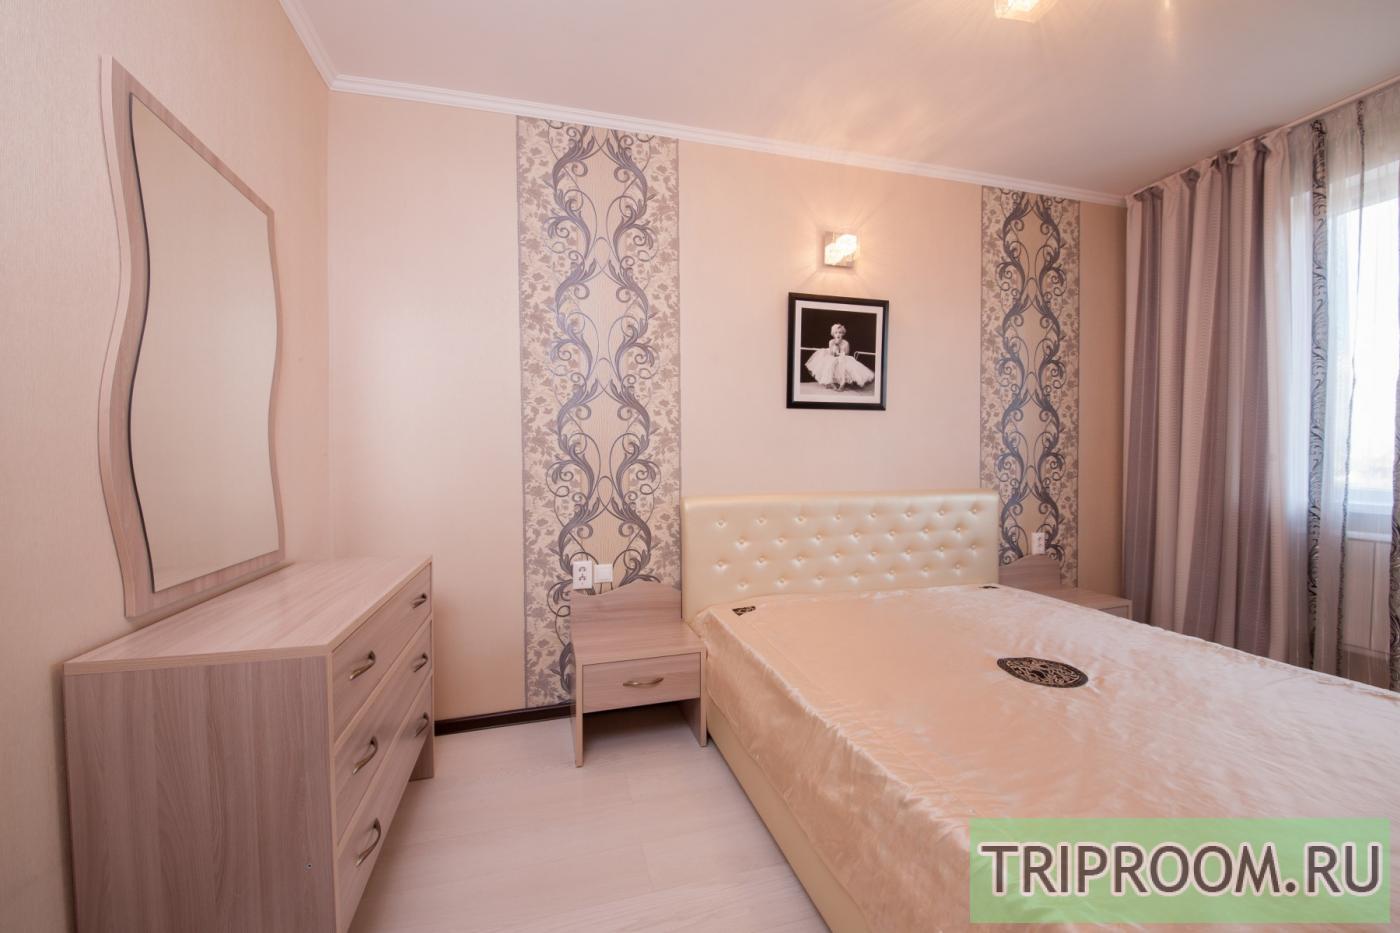 3-комнатная квартира посуточно (вариант № 12384), ул. Весны улица, фото № 11